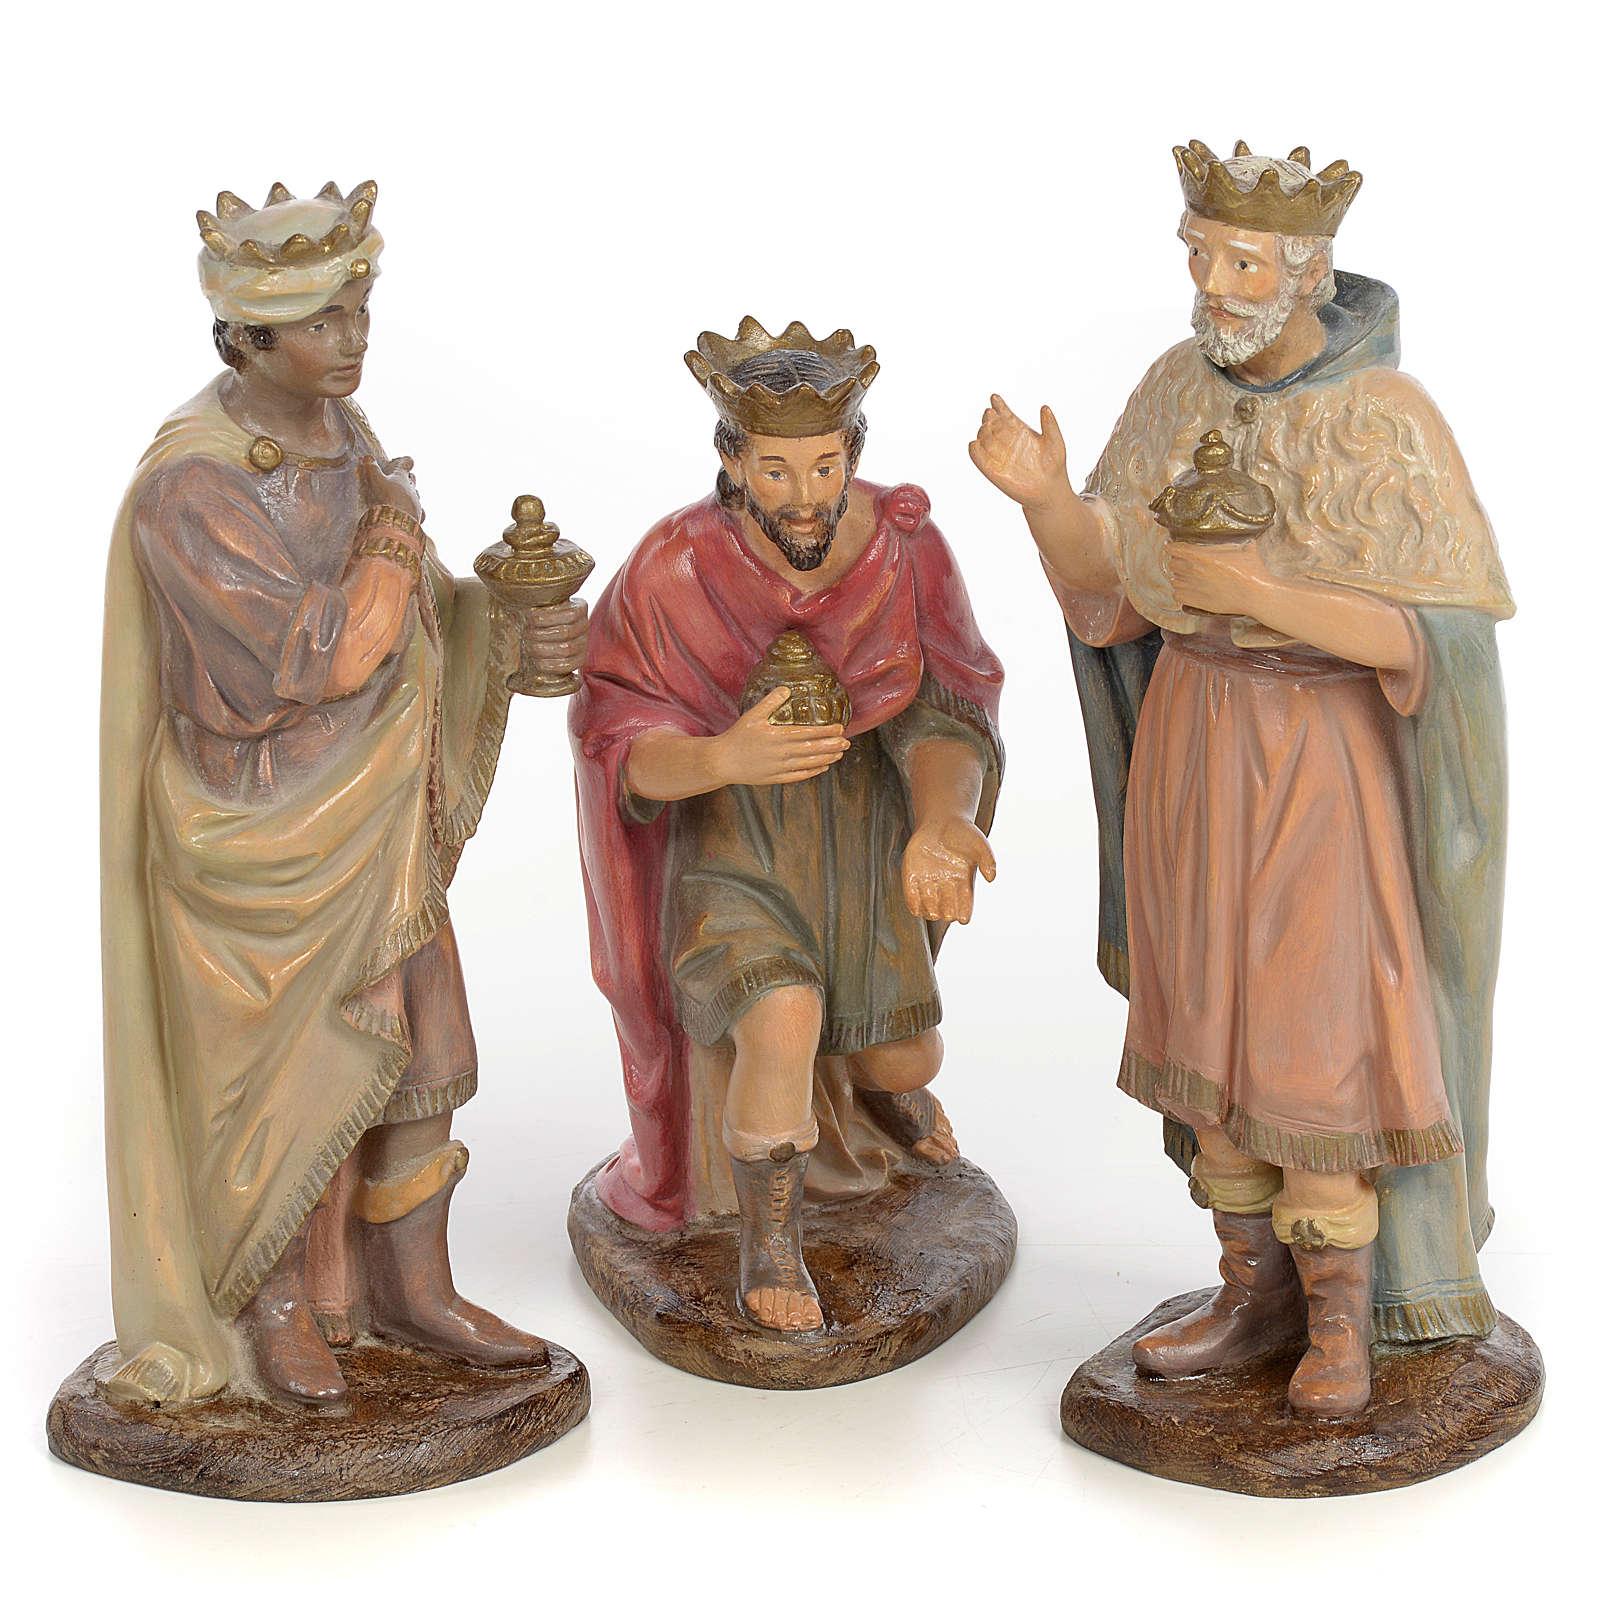 3 Rois Mages 25Cm Pâte À Bois Vieillie | Vente En Ligne à Chameaux 3 Rois Mages